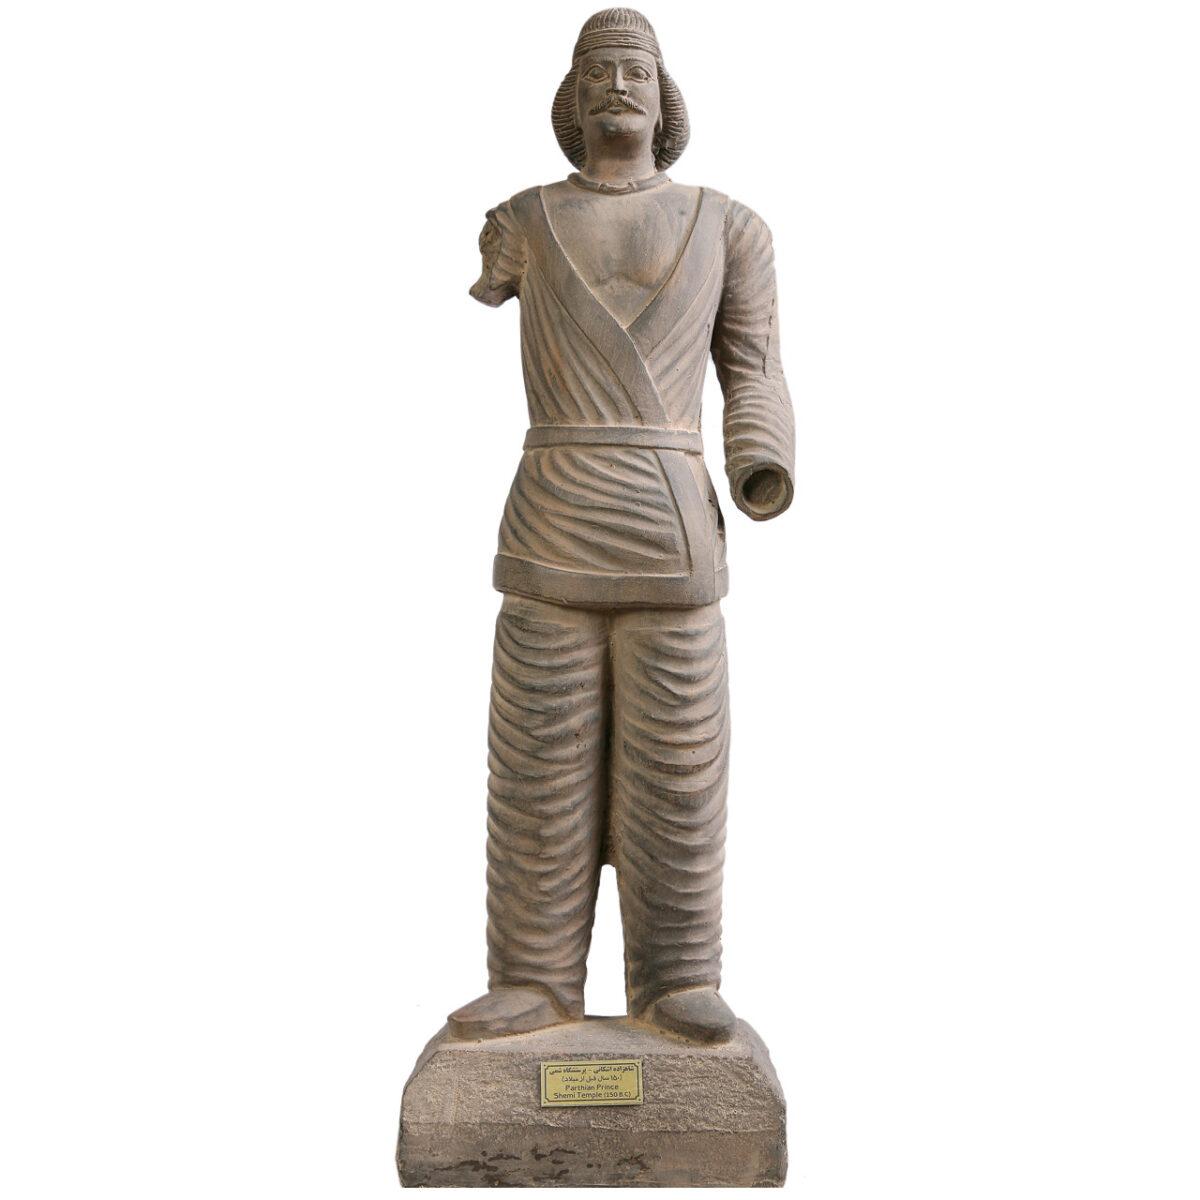 مجسمه تندیس و پیکره شهریار مدل تندیس شاهزاده اشکانی شمی کد MO1360 سایز بزرگ